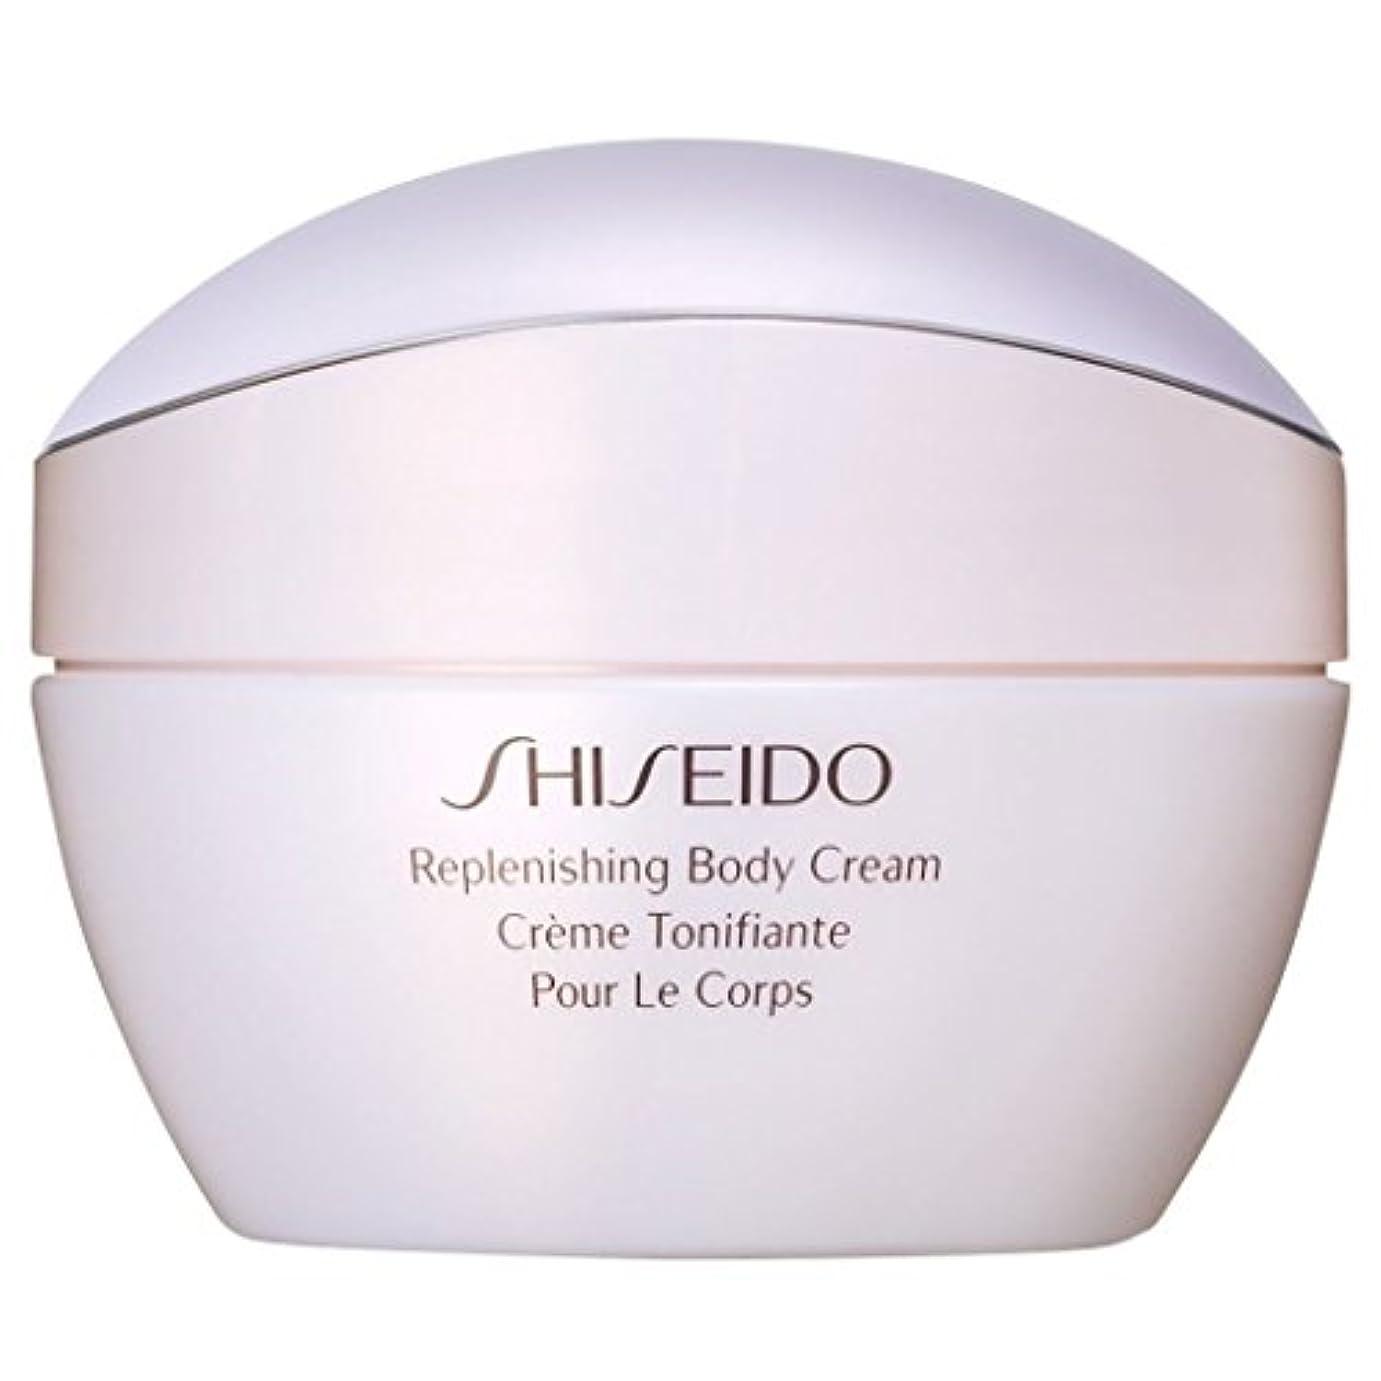 ファブリック苦痛知り合いになる[Shiseido] 資生堂補充ボディクリーム200ミリリットル - Shiseido Replenishing Body Cream 200ml [並行輸入品]